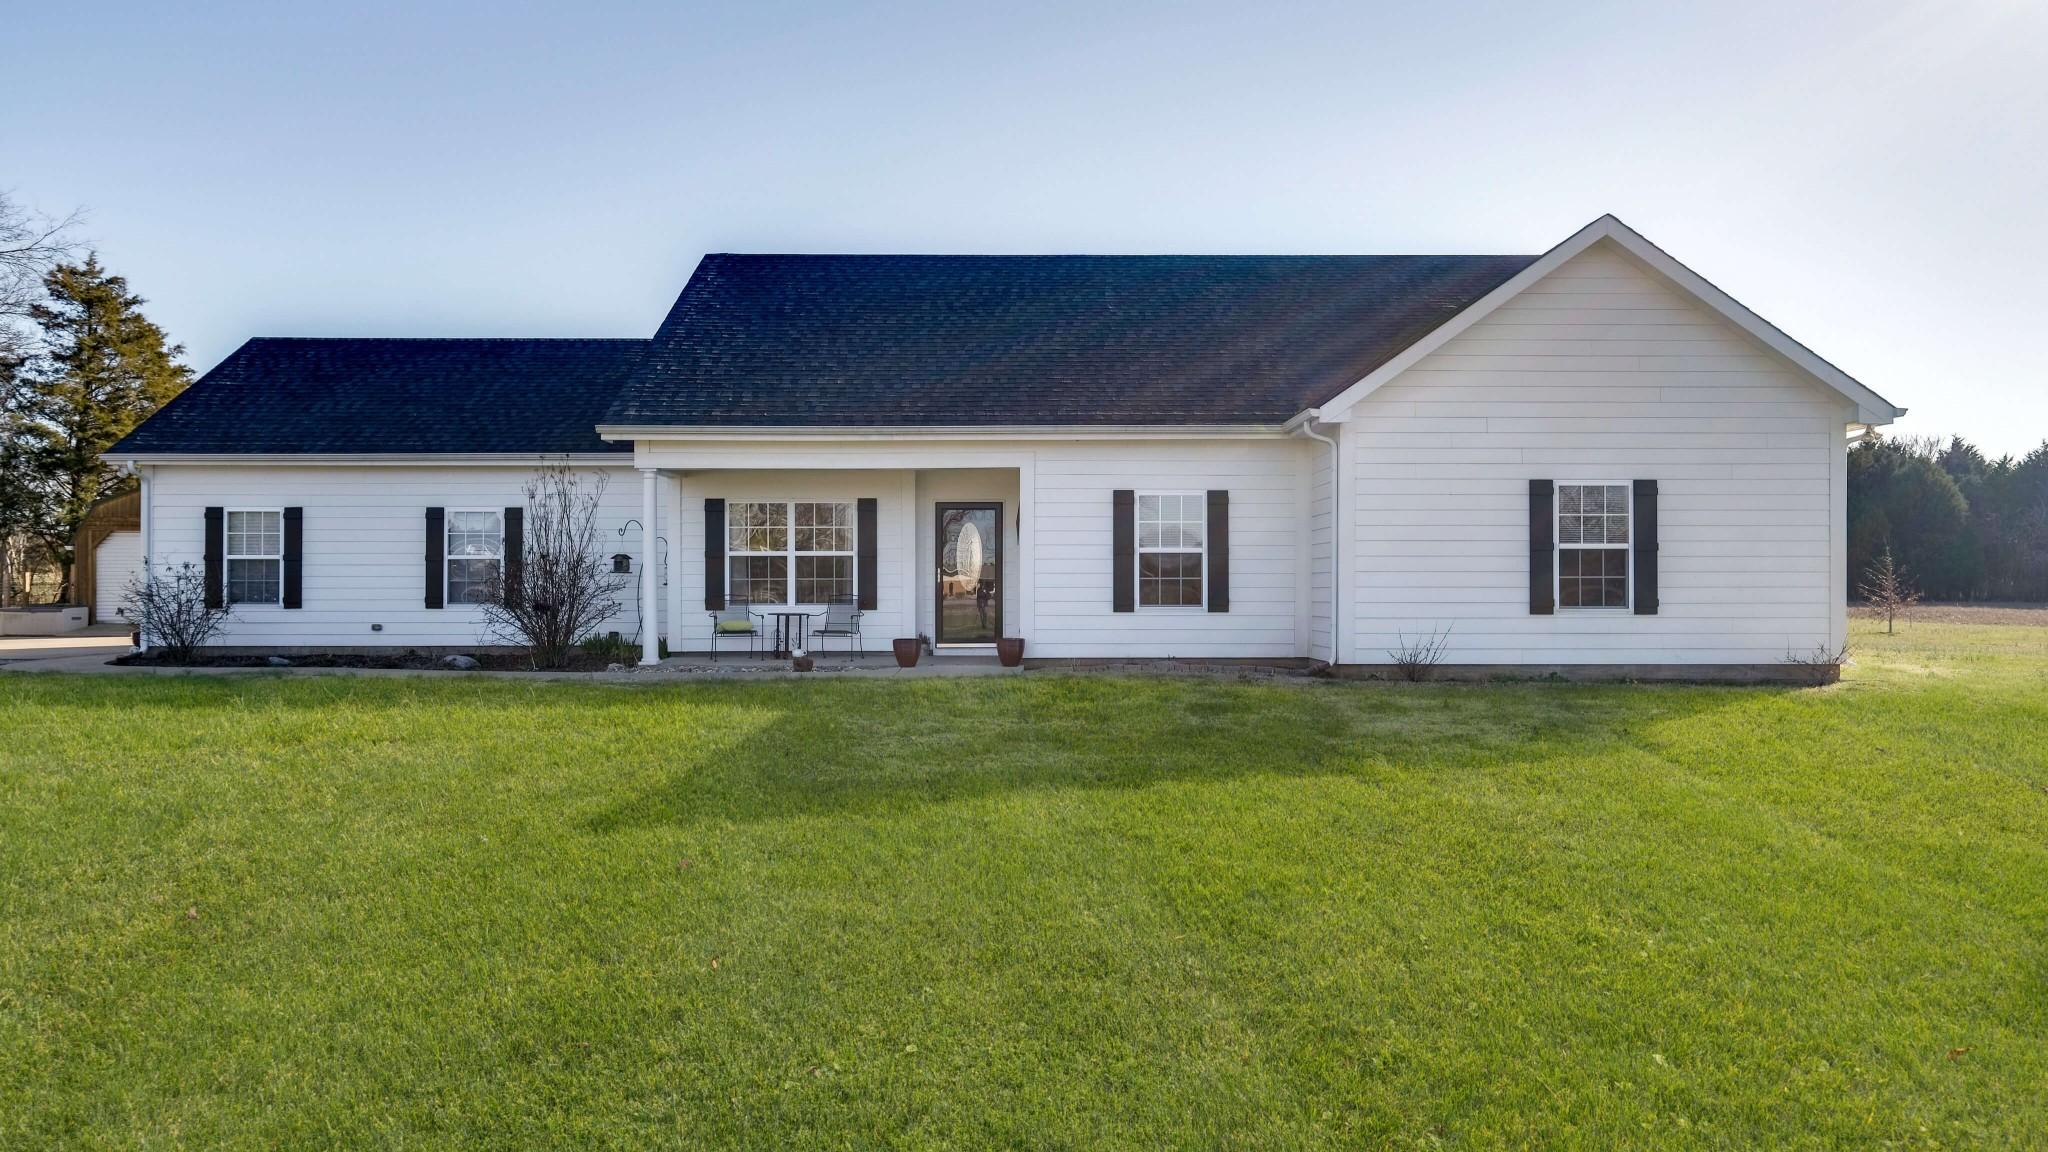 13785 Highway 99, Eagleville, TN 37060 - Eagleville, TN real estate listing